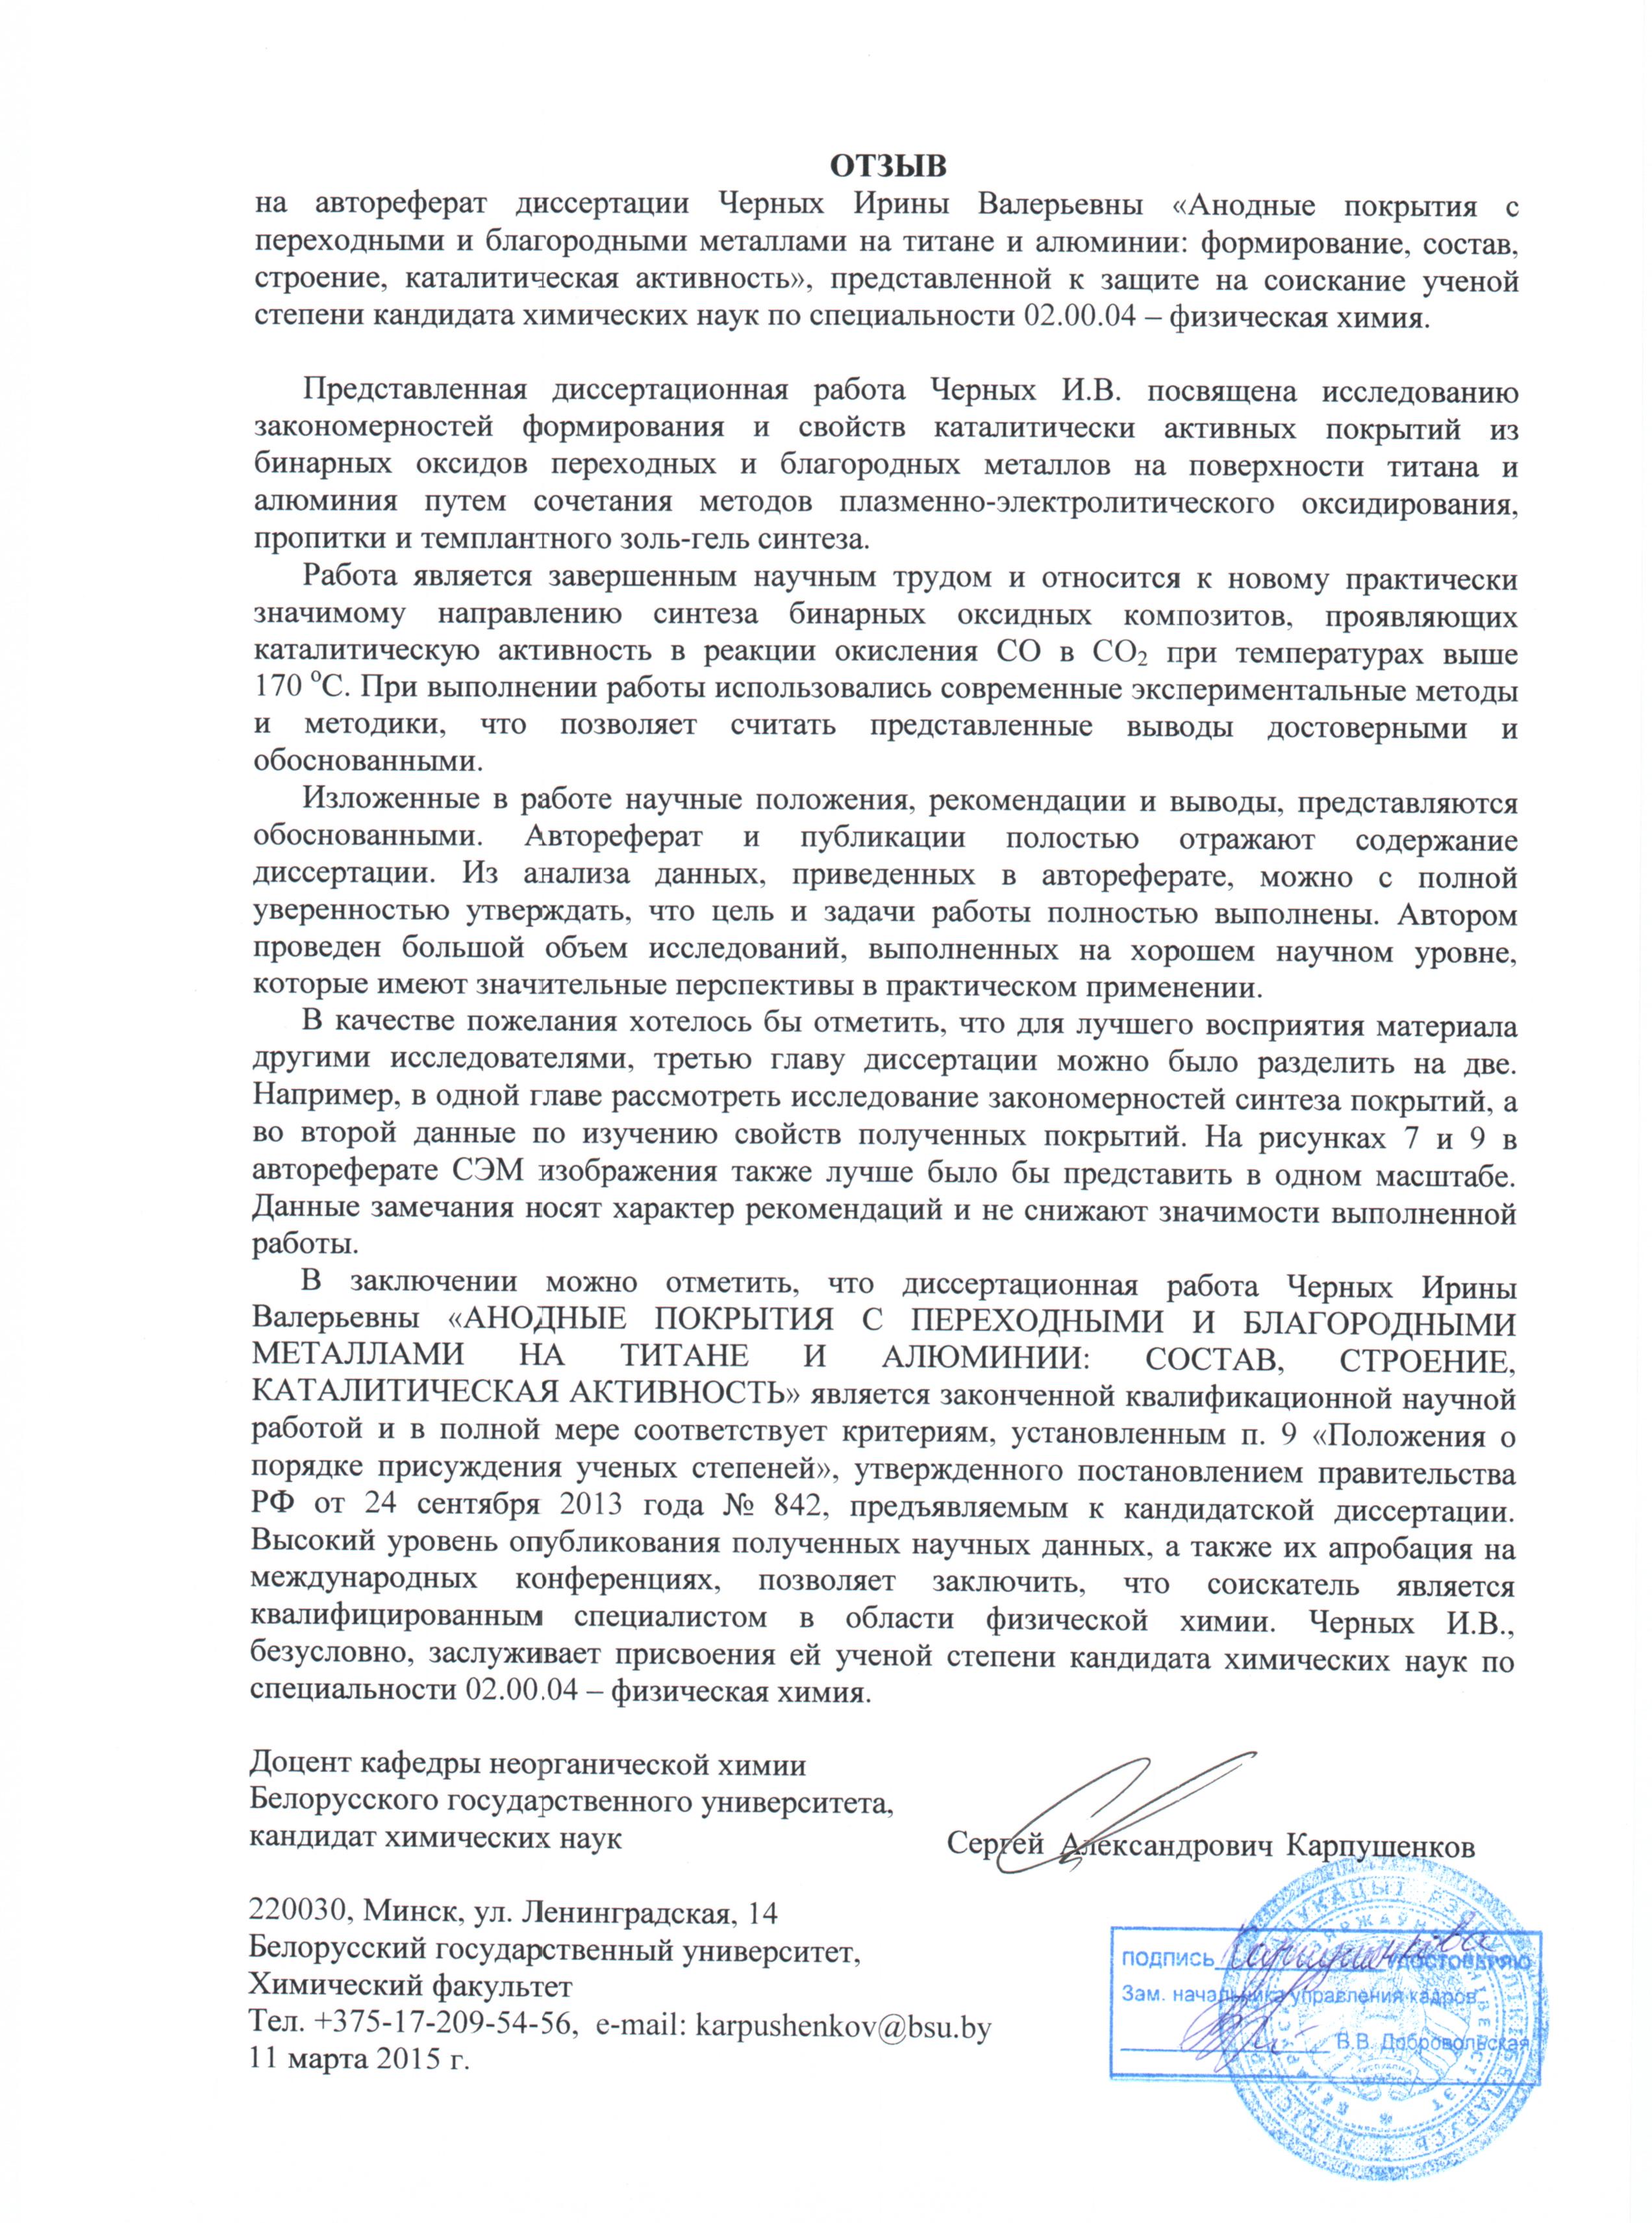 Институт химии ДВО РАН диссертационный совет 25 декабря 2014 года 30 апреля 2015 года в 10 00 планируется защита кандидатской диссертации Черных Ирины Валерьевны Подробнее Автореферат